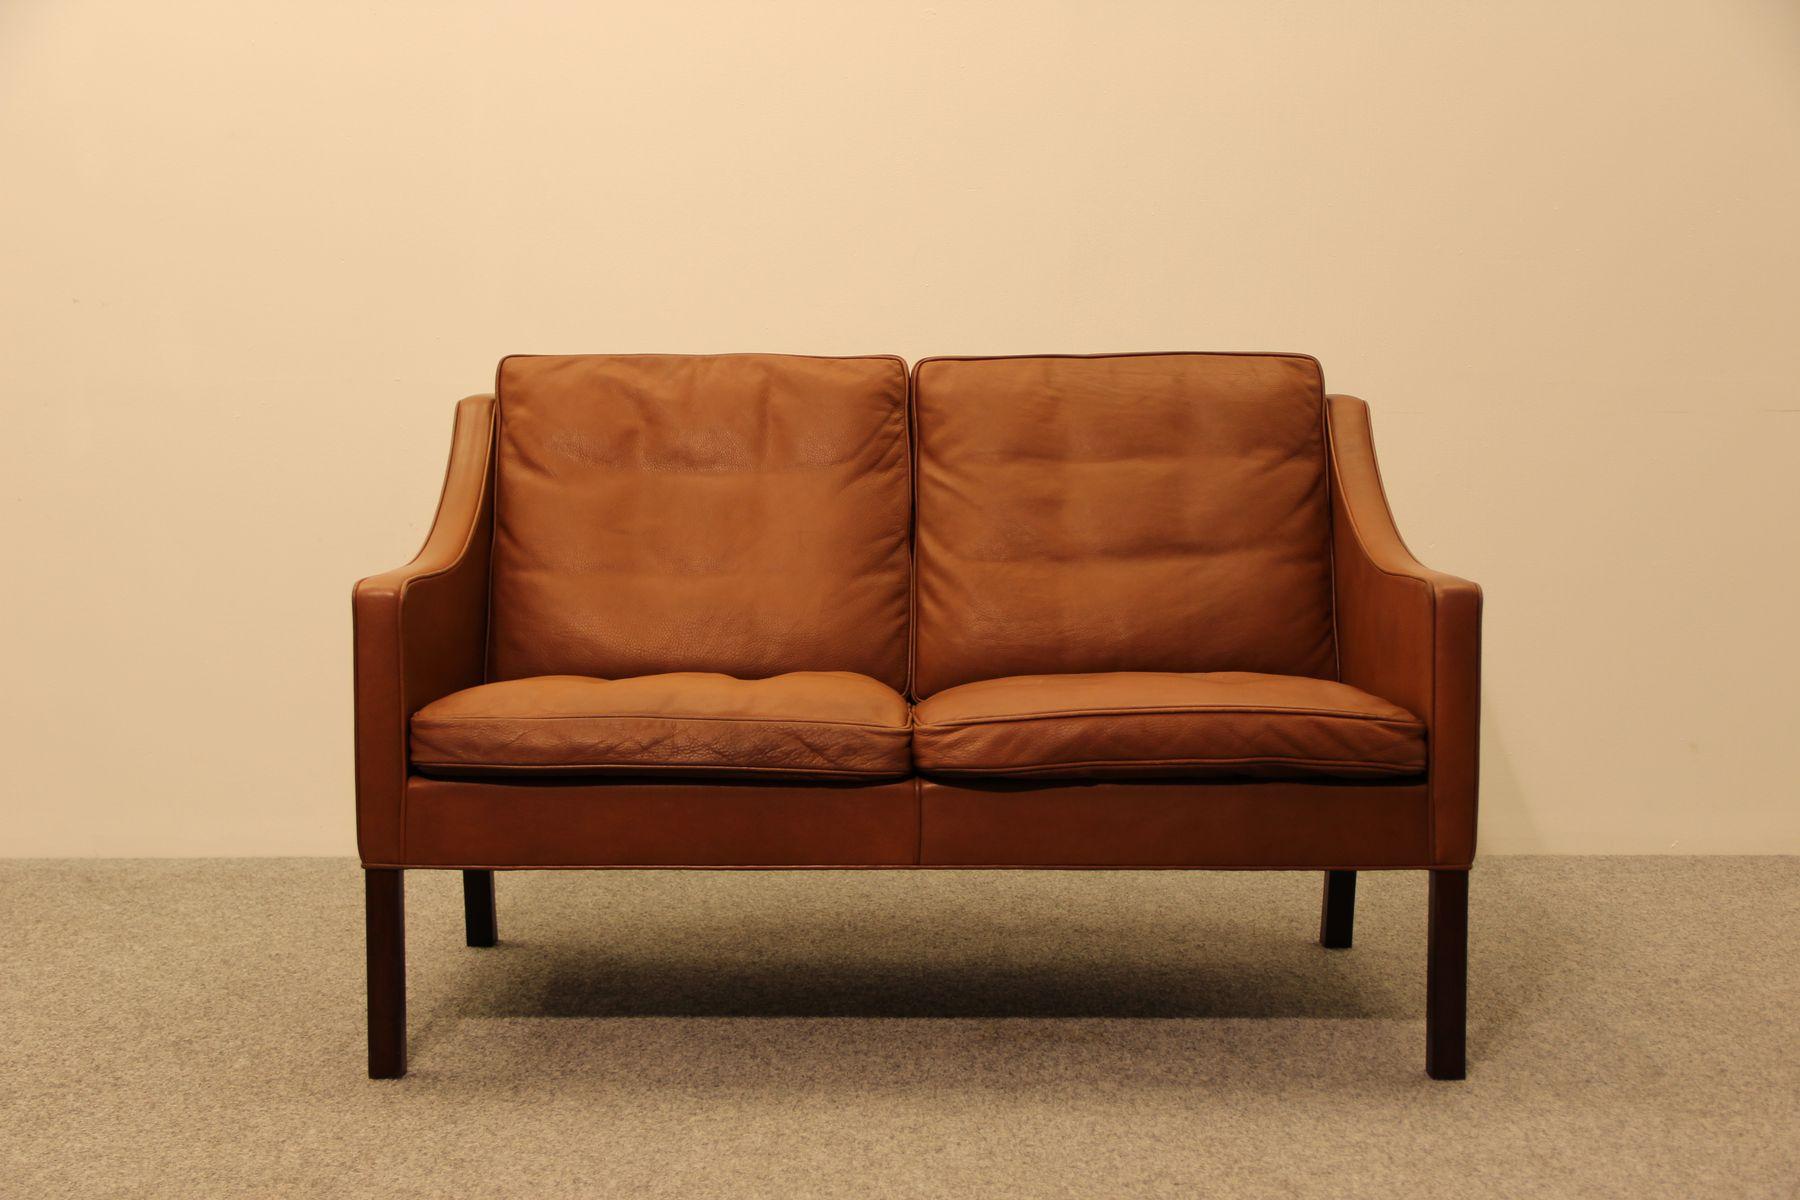 bm 2208 zwei sitzer sofa von borge mogensen f r fredericia 1975 bei pamono kaufen. Black Bedroom Furniture Sets. Home Design Ideas